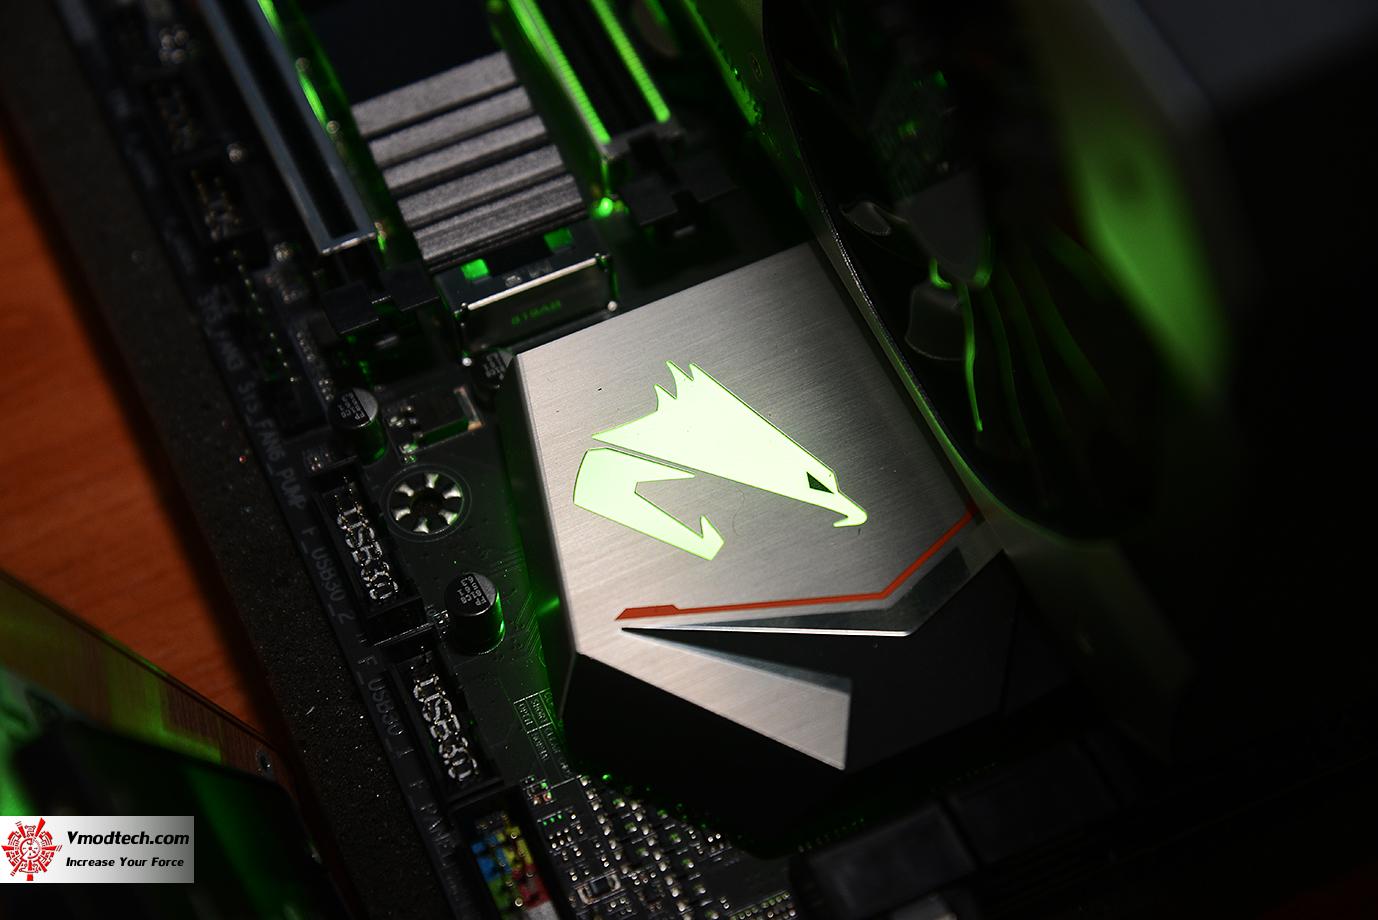 dsc 1594 AMD RYZEN 7 2700X PROCESSOR REVIEW